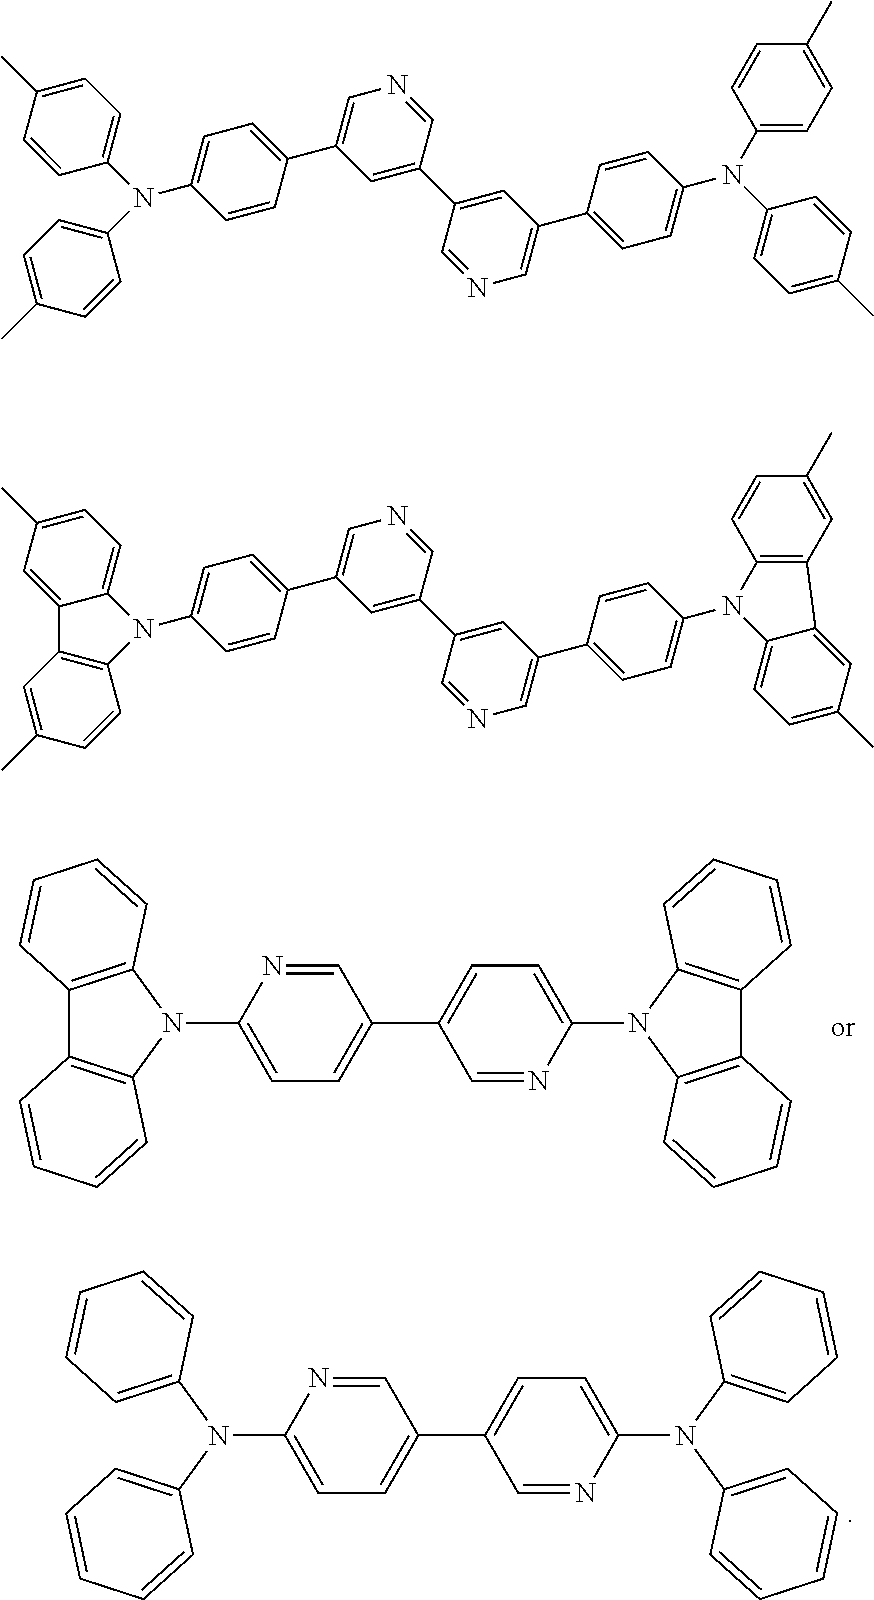 Figure US09328086-20160503-C00013